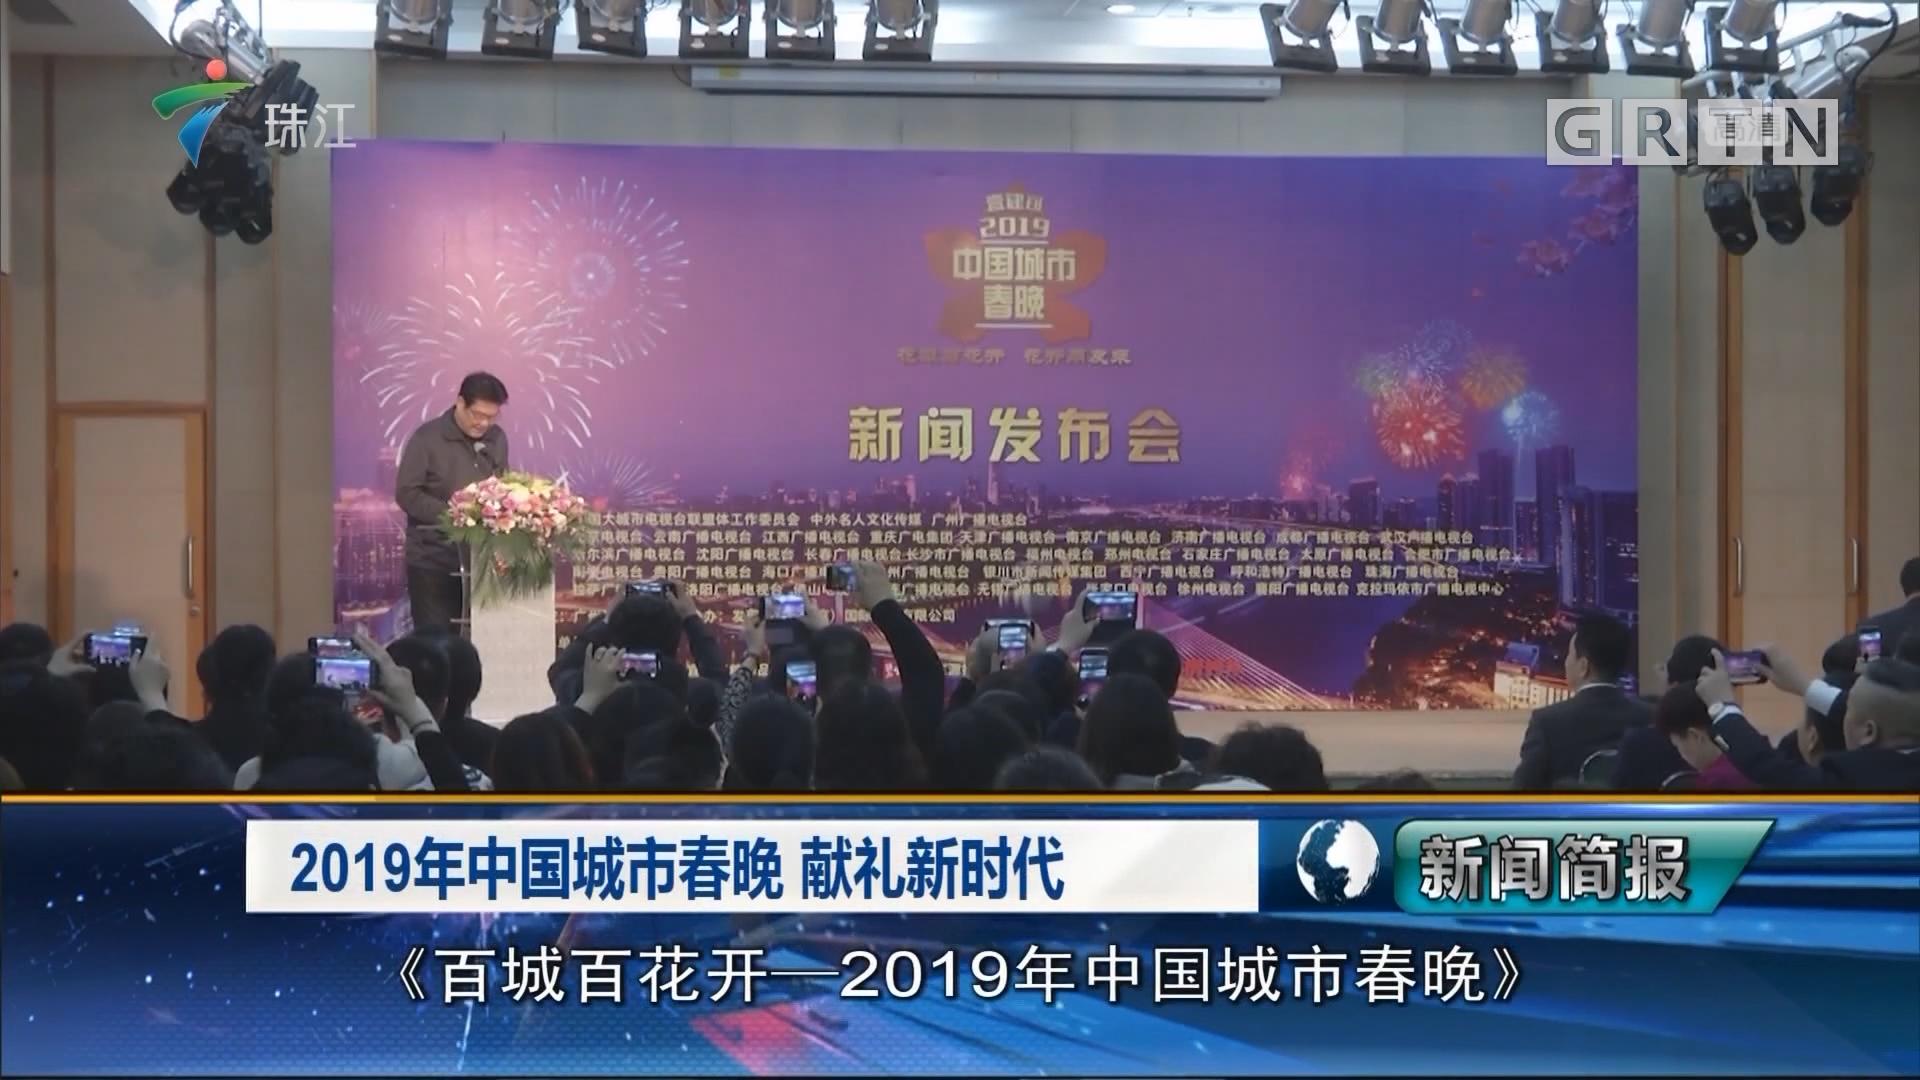 2019年中国城市春晚 献礼新时代